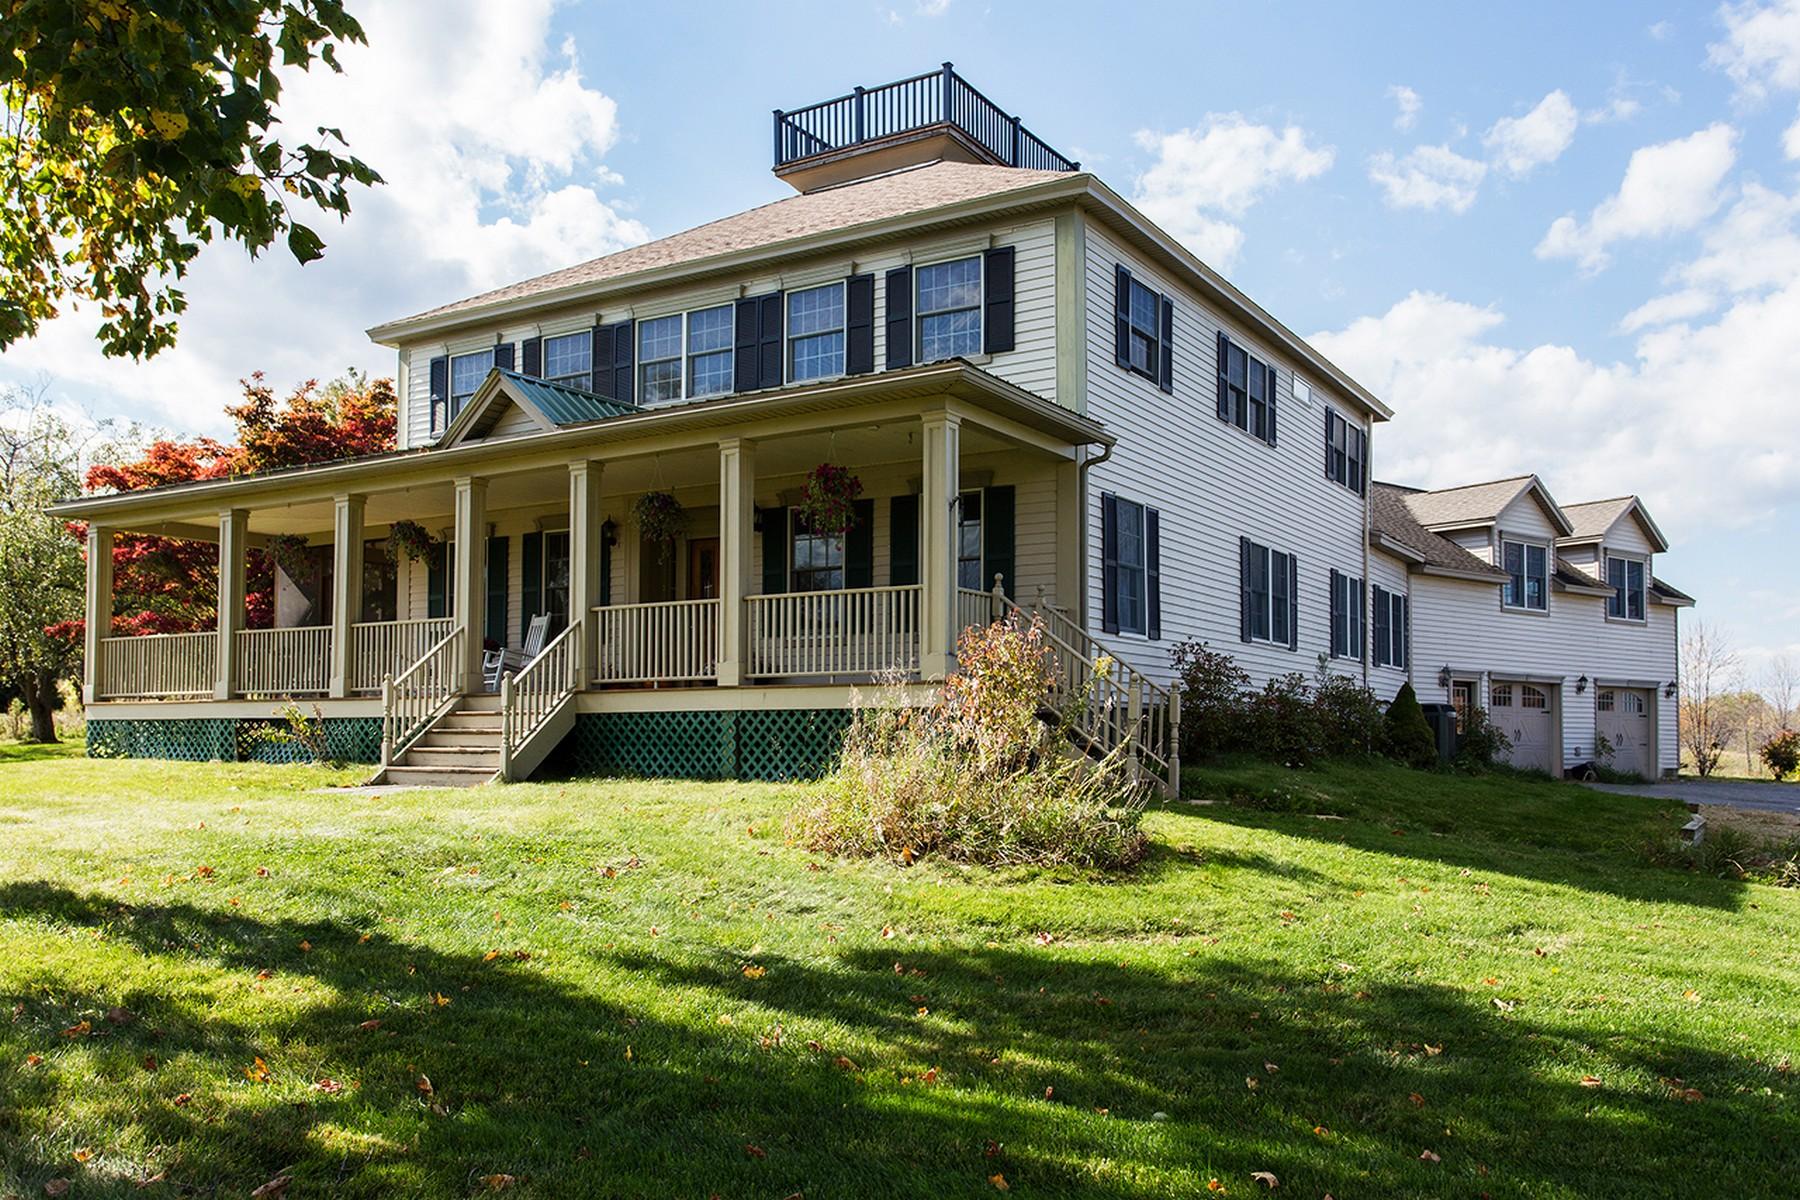 Einfamilienhaus für Verkauf beim Country Setting with City Convenience 152 Cary Rd Halfmoon, New York 12065 Vereinigte Staaten